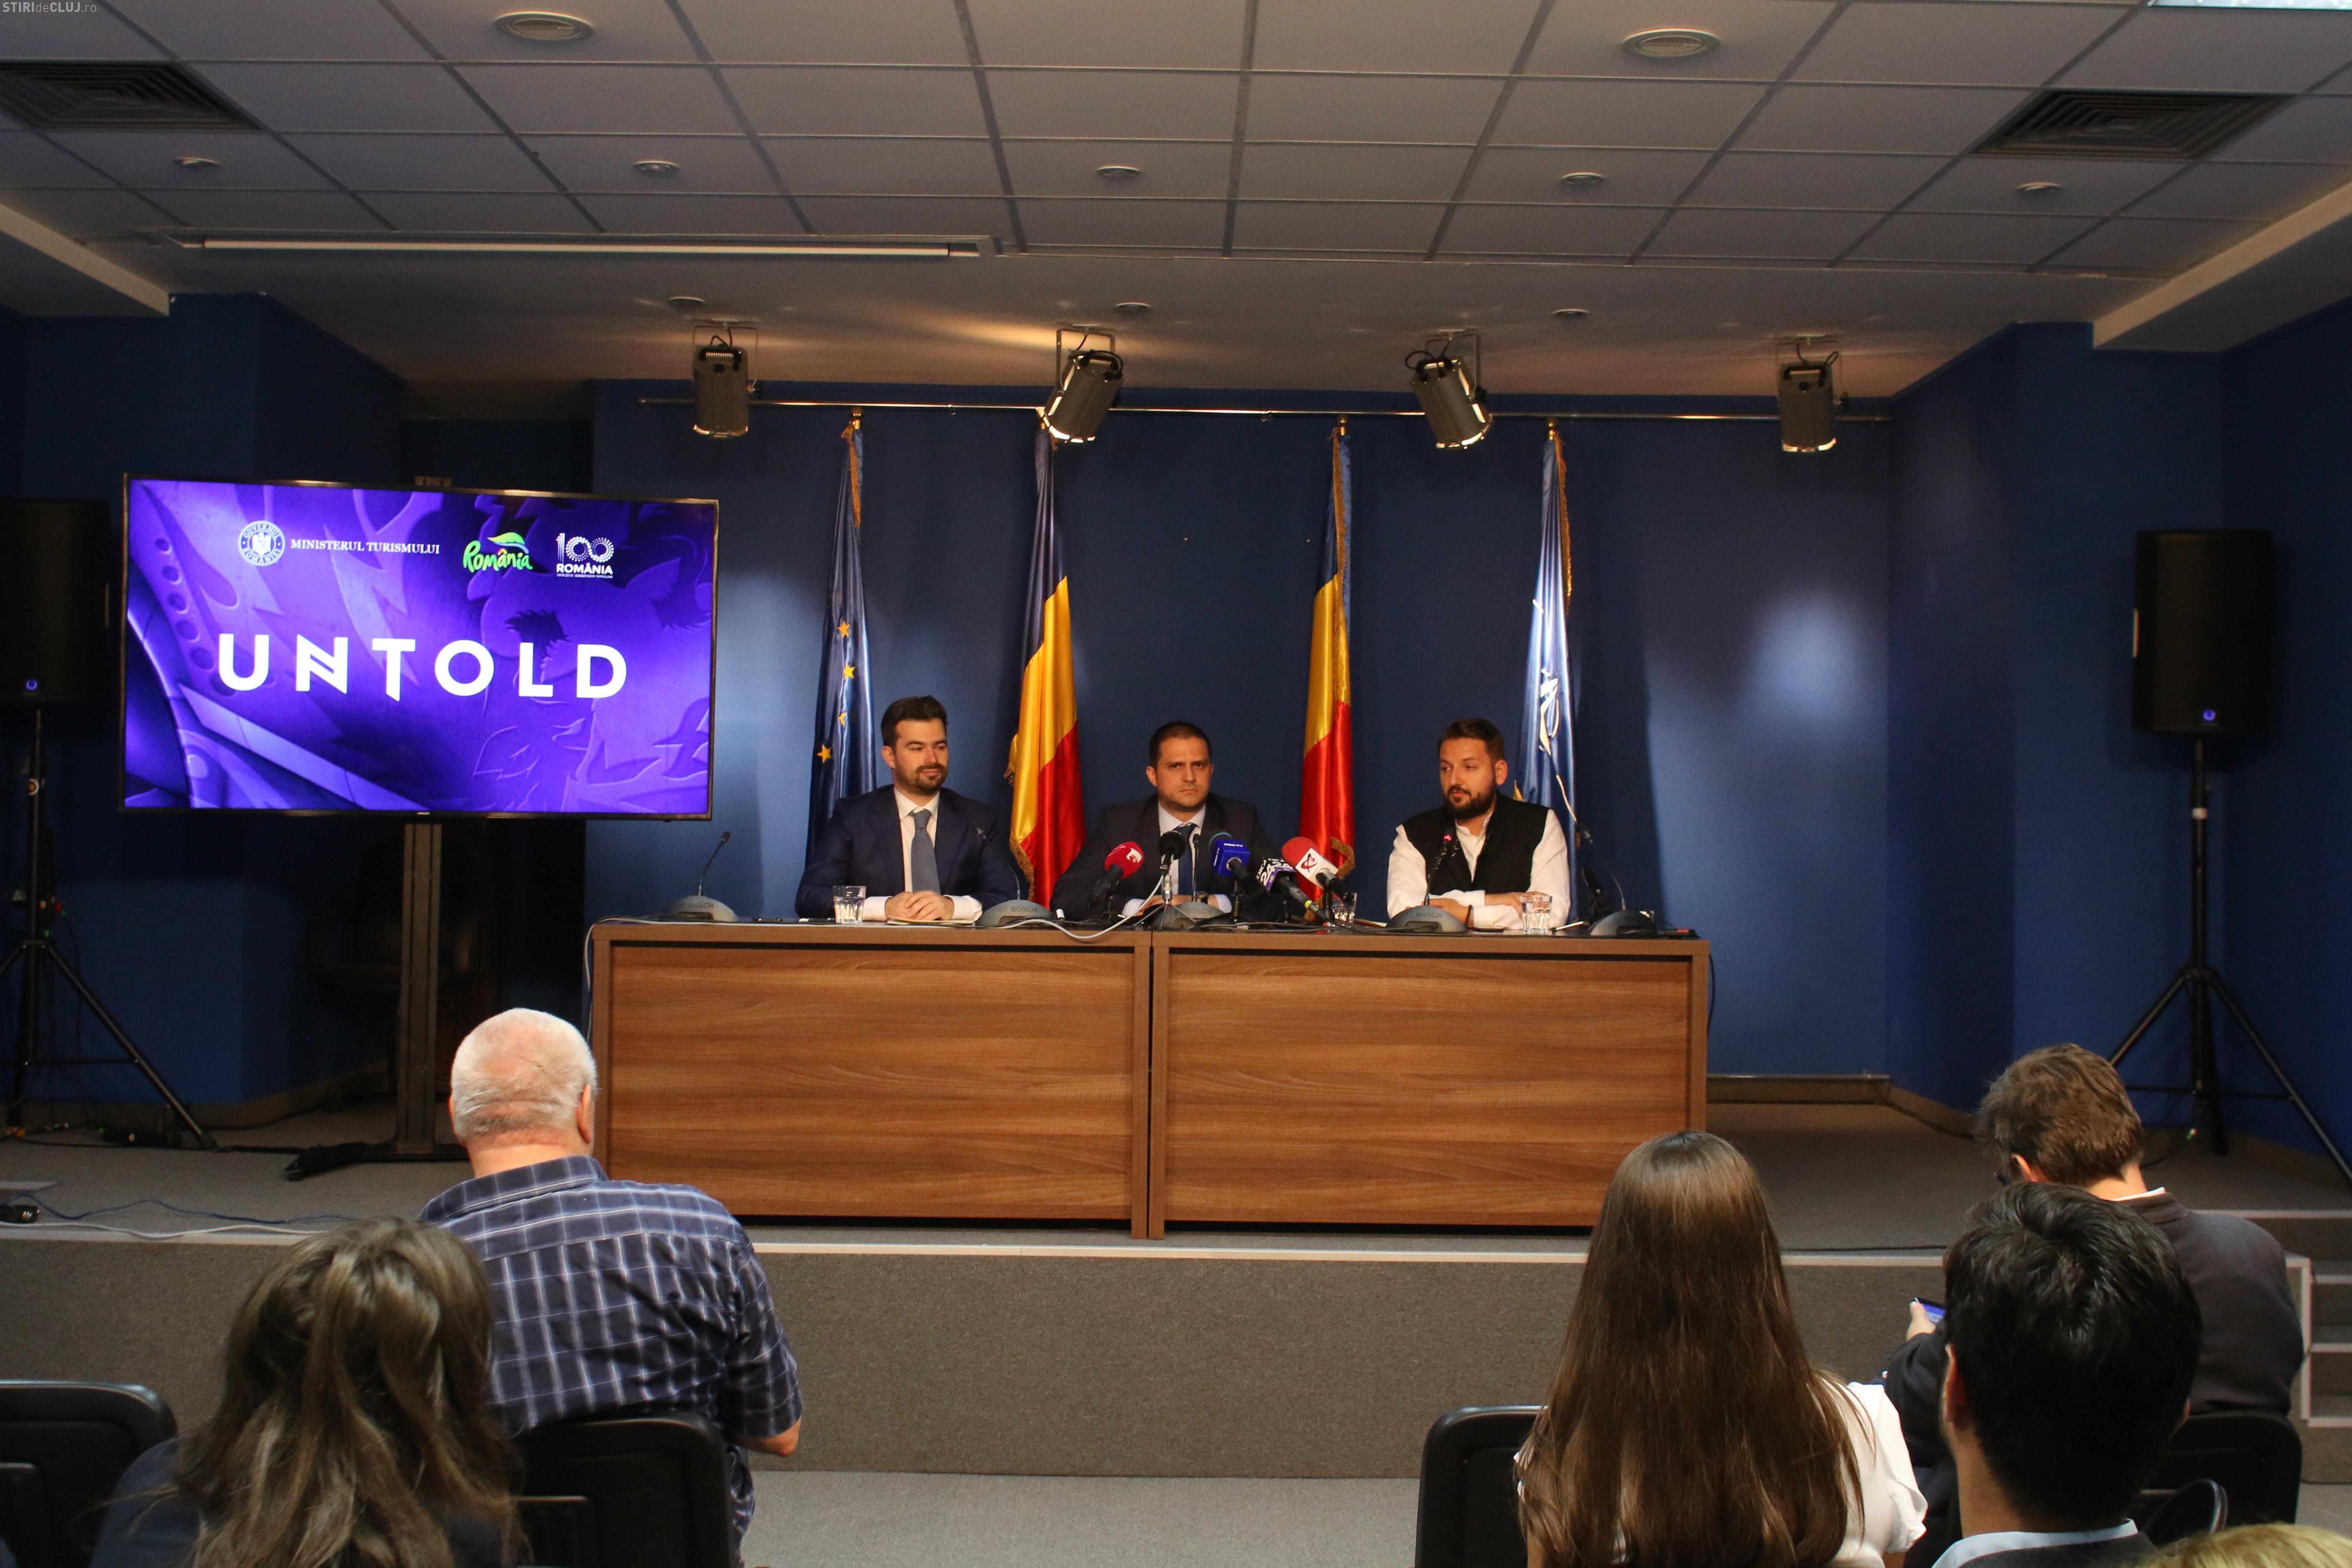 """UNTOLD - Primul Brand Ambasador al Turismului Românesc! Descoperă campania """"România All Inclusive"""""""